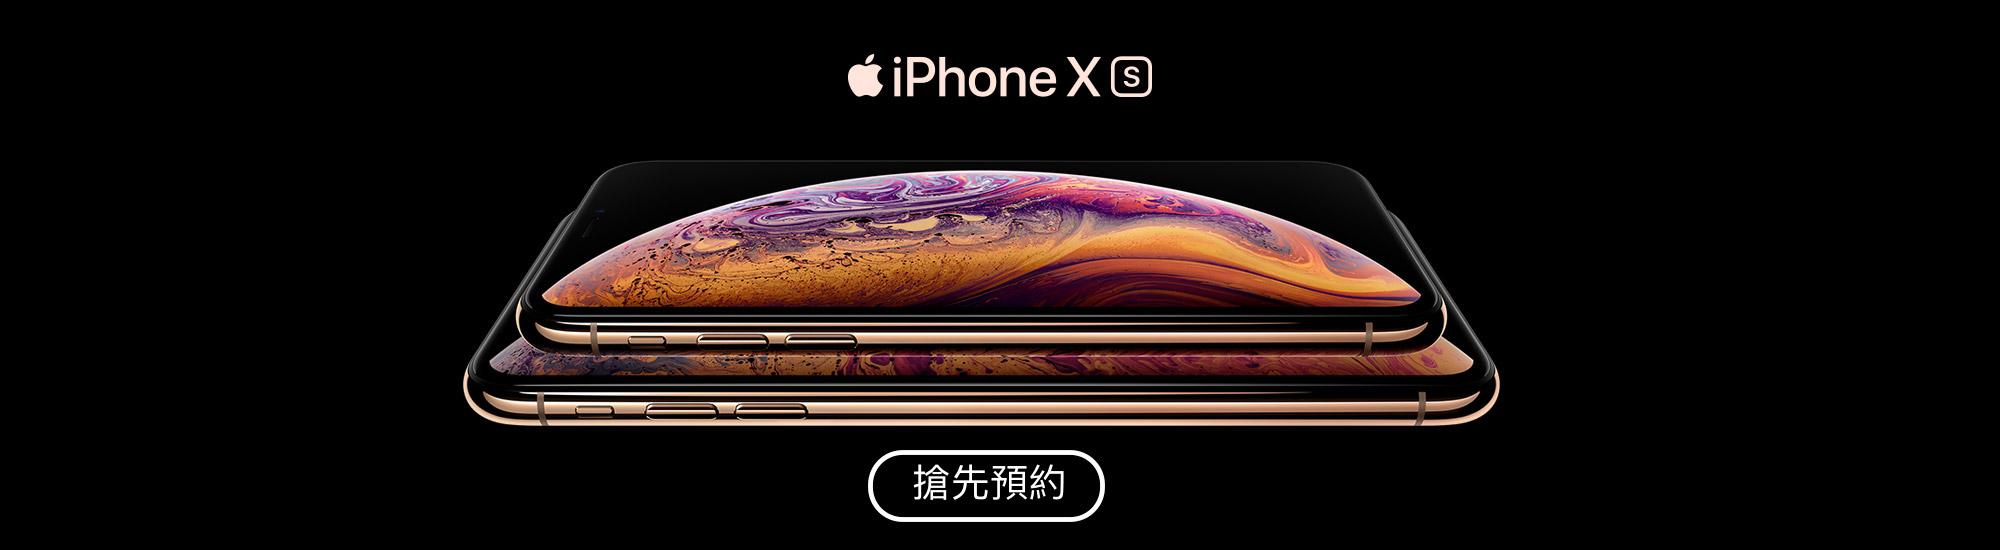 2000x550_iPhoneXs